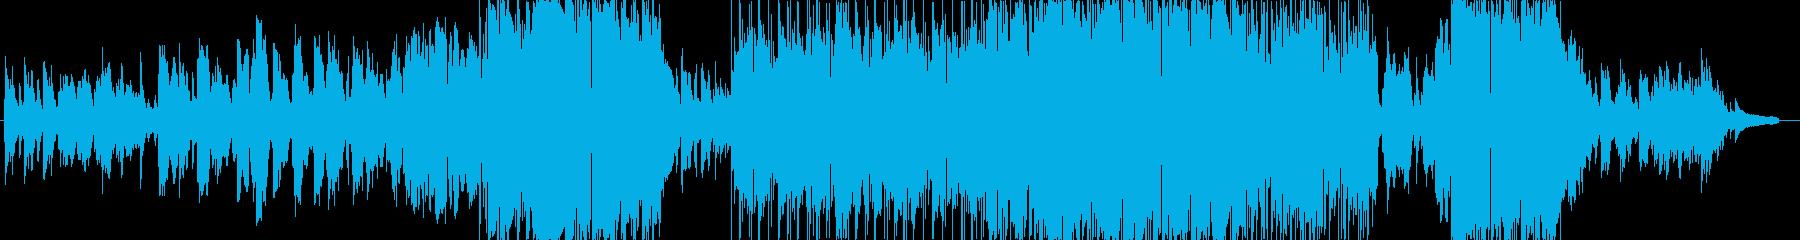 切く優しいバラードの再生済みの波形